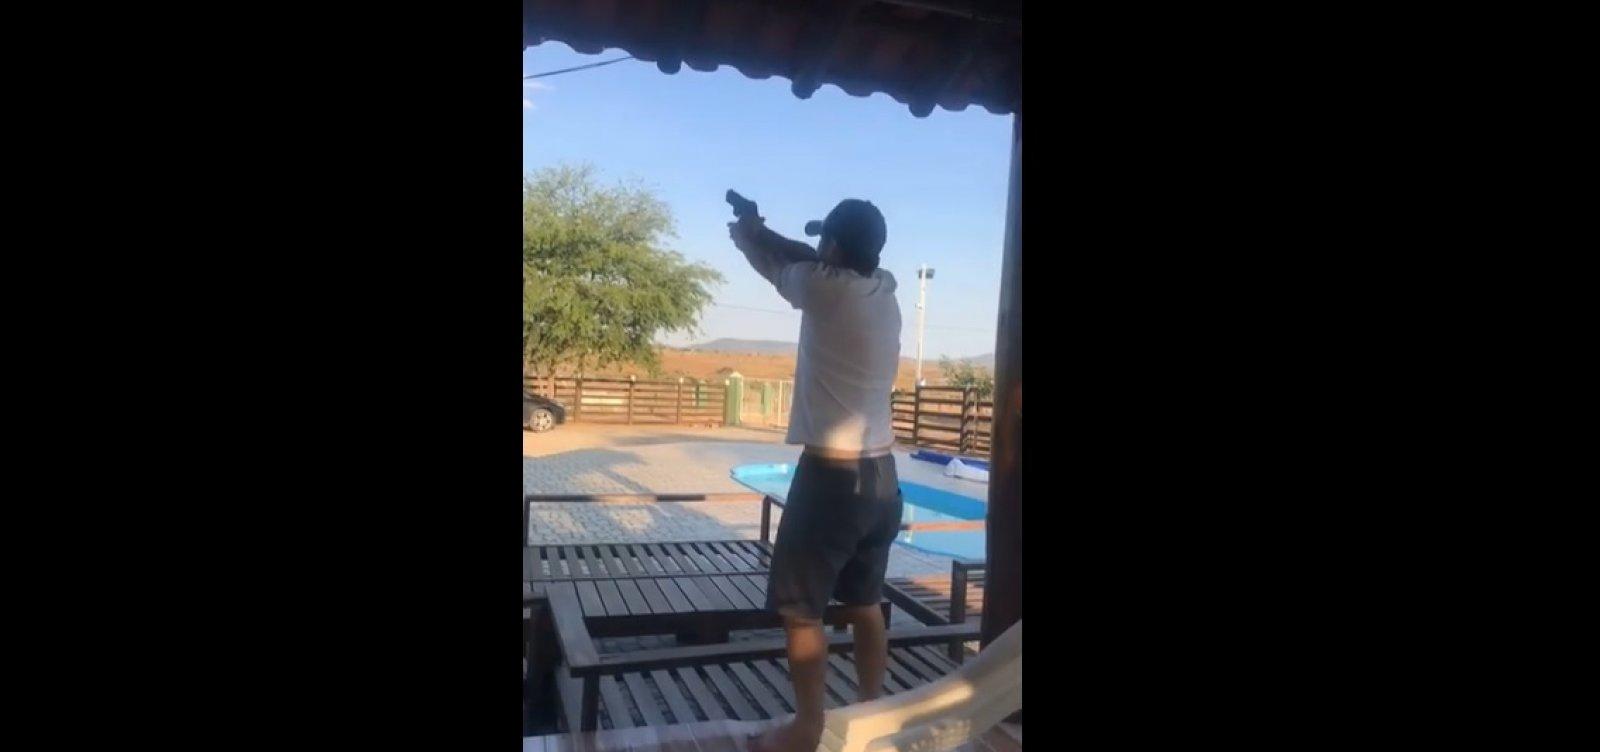 Deputado Marcell Moraes aparece em vídeo atirando para cima; assista